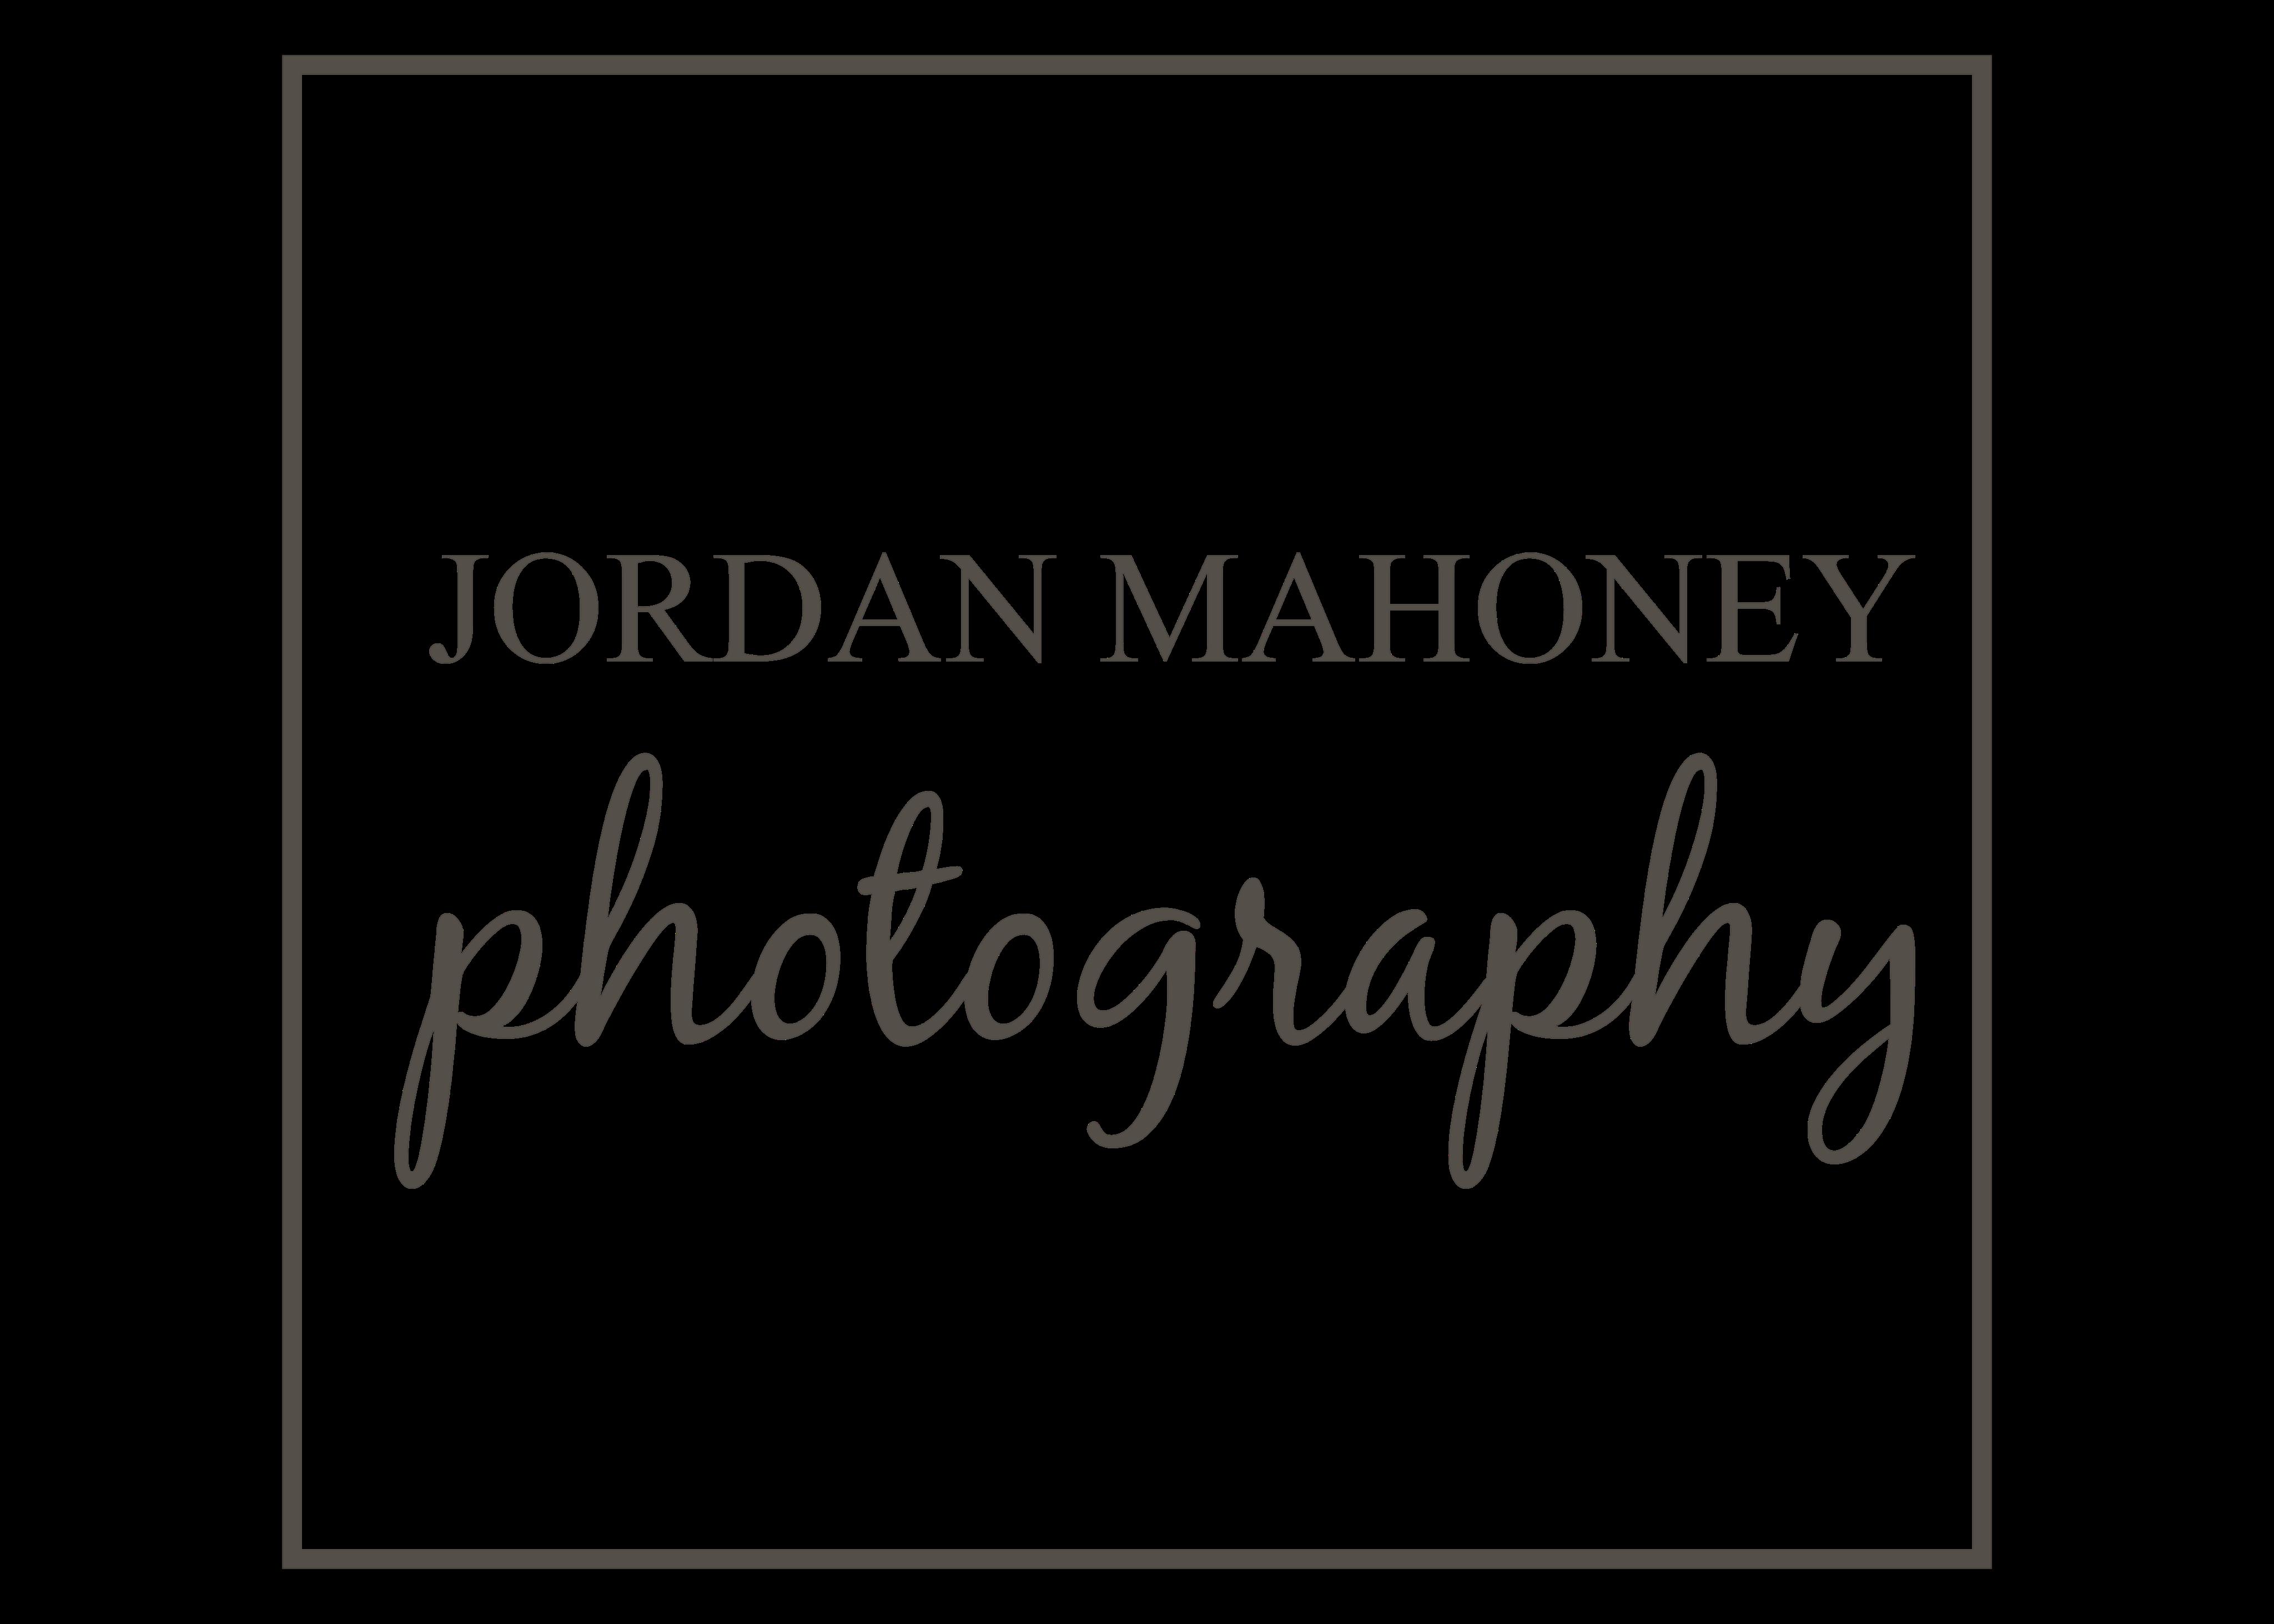 Jordan Mahoney